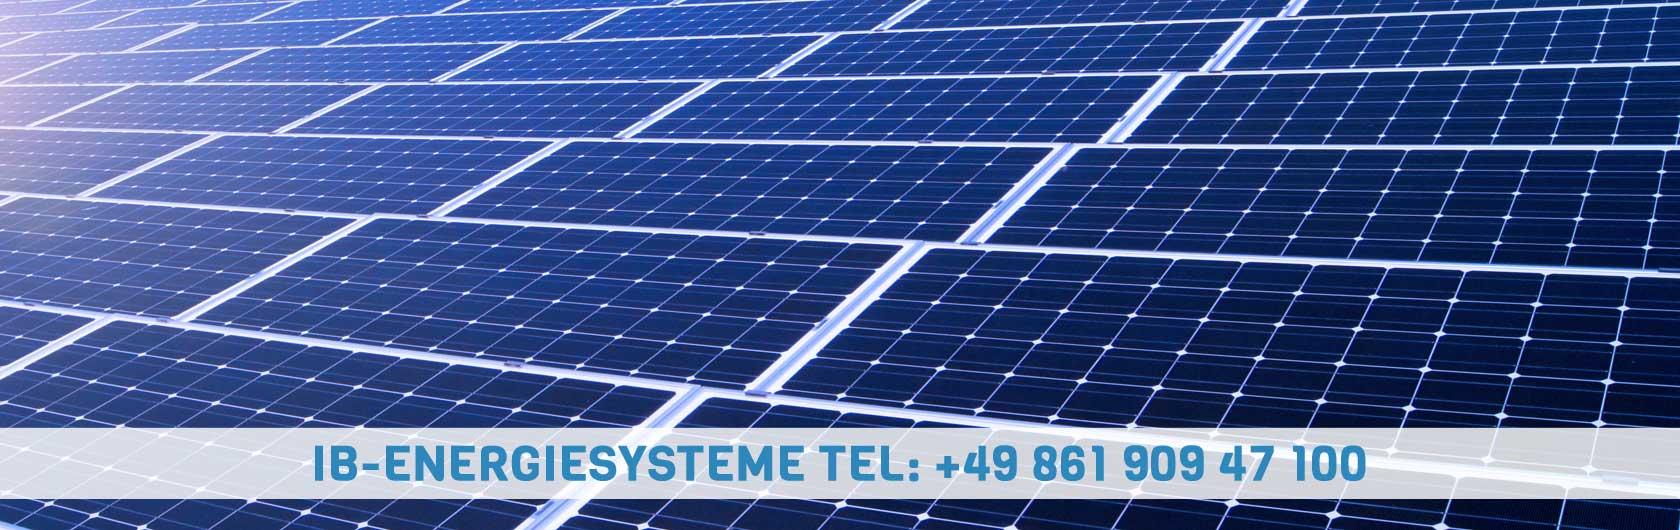 Photovoltaikanlagen inkl. Energiespeicher